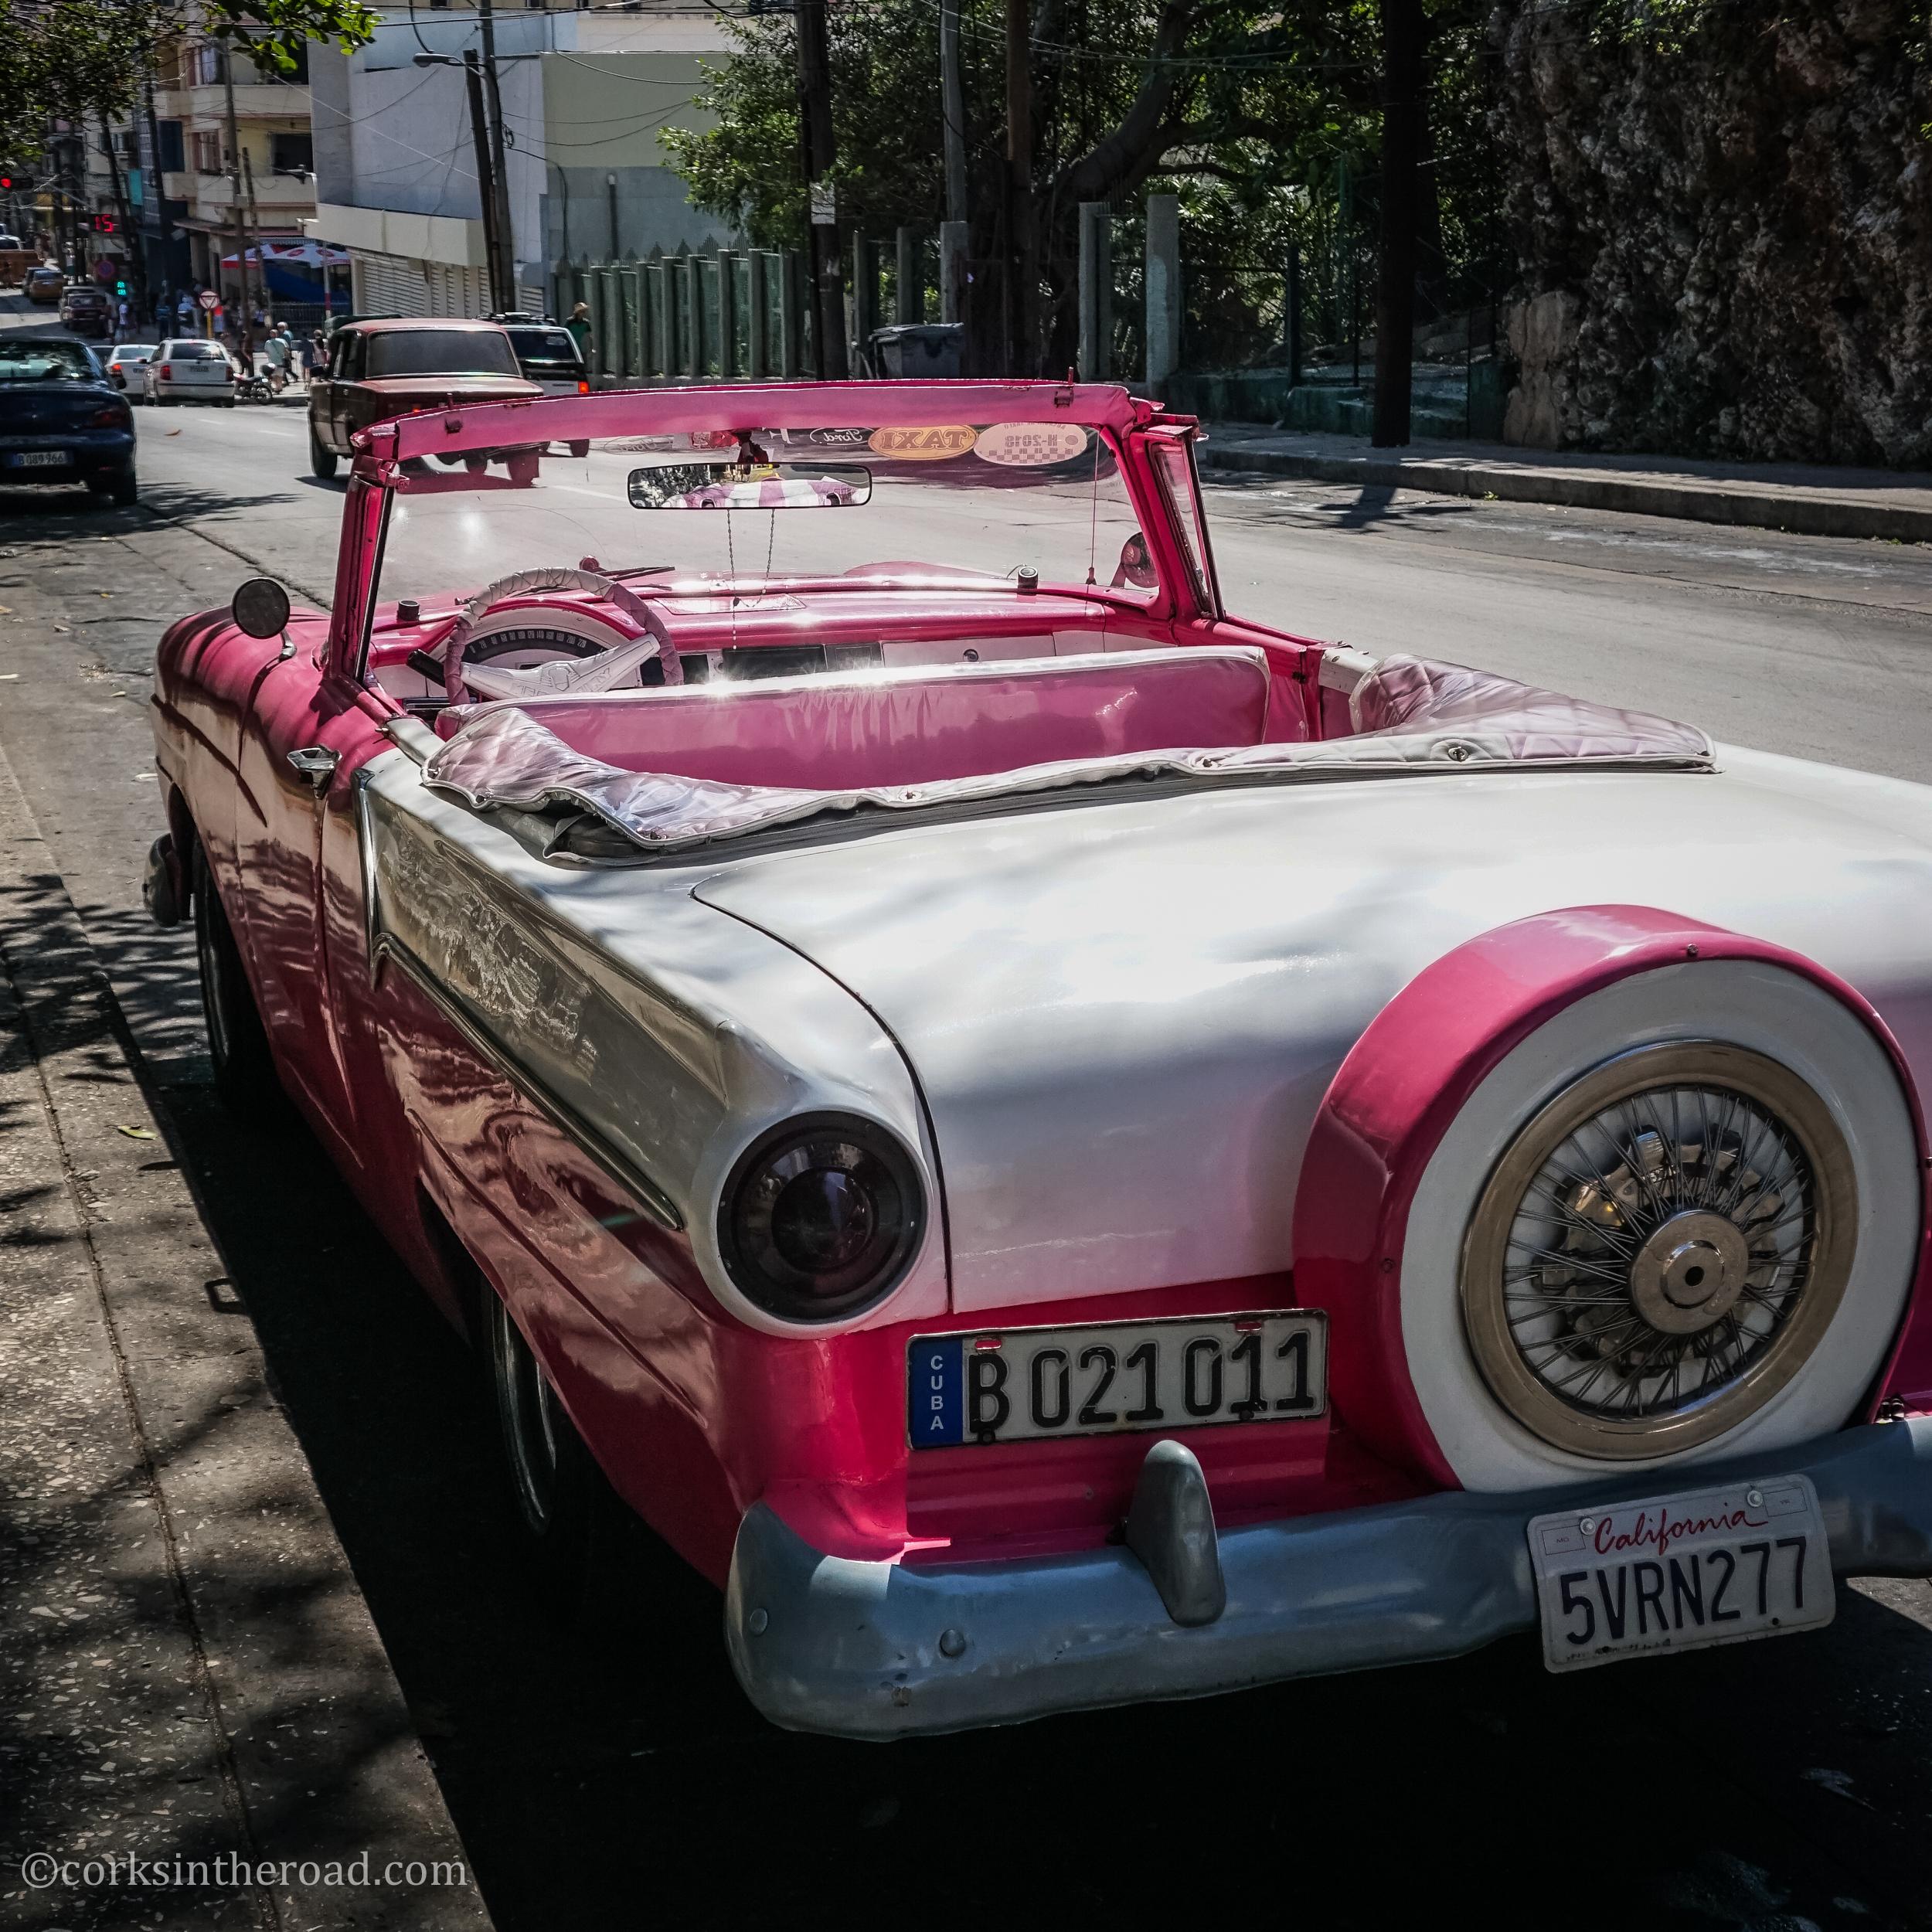 Cars, Corksintheroad, Cuba, Havana-4.jpg